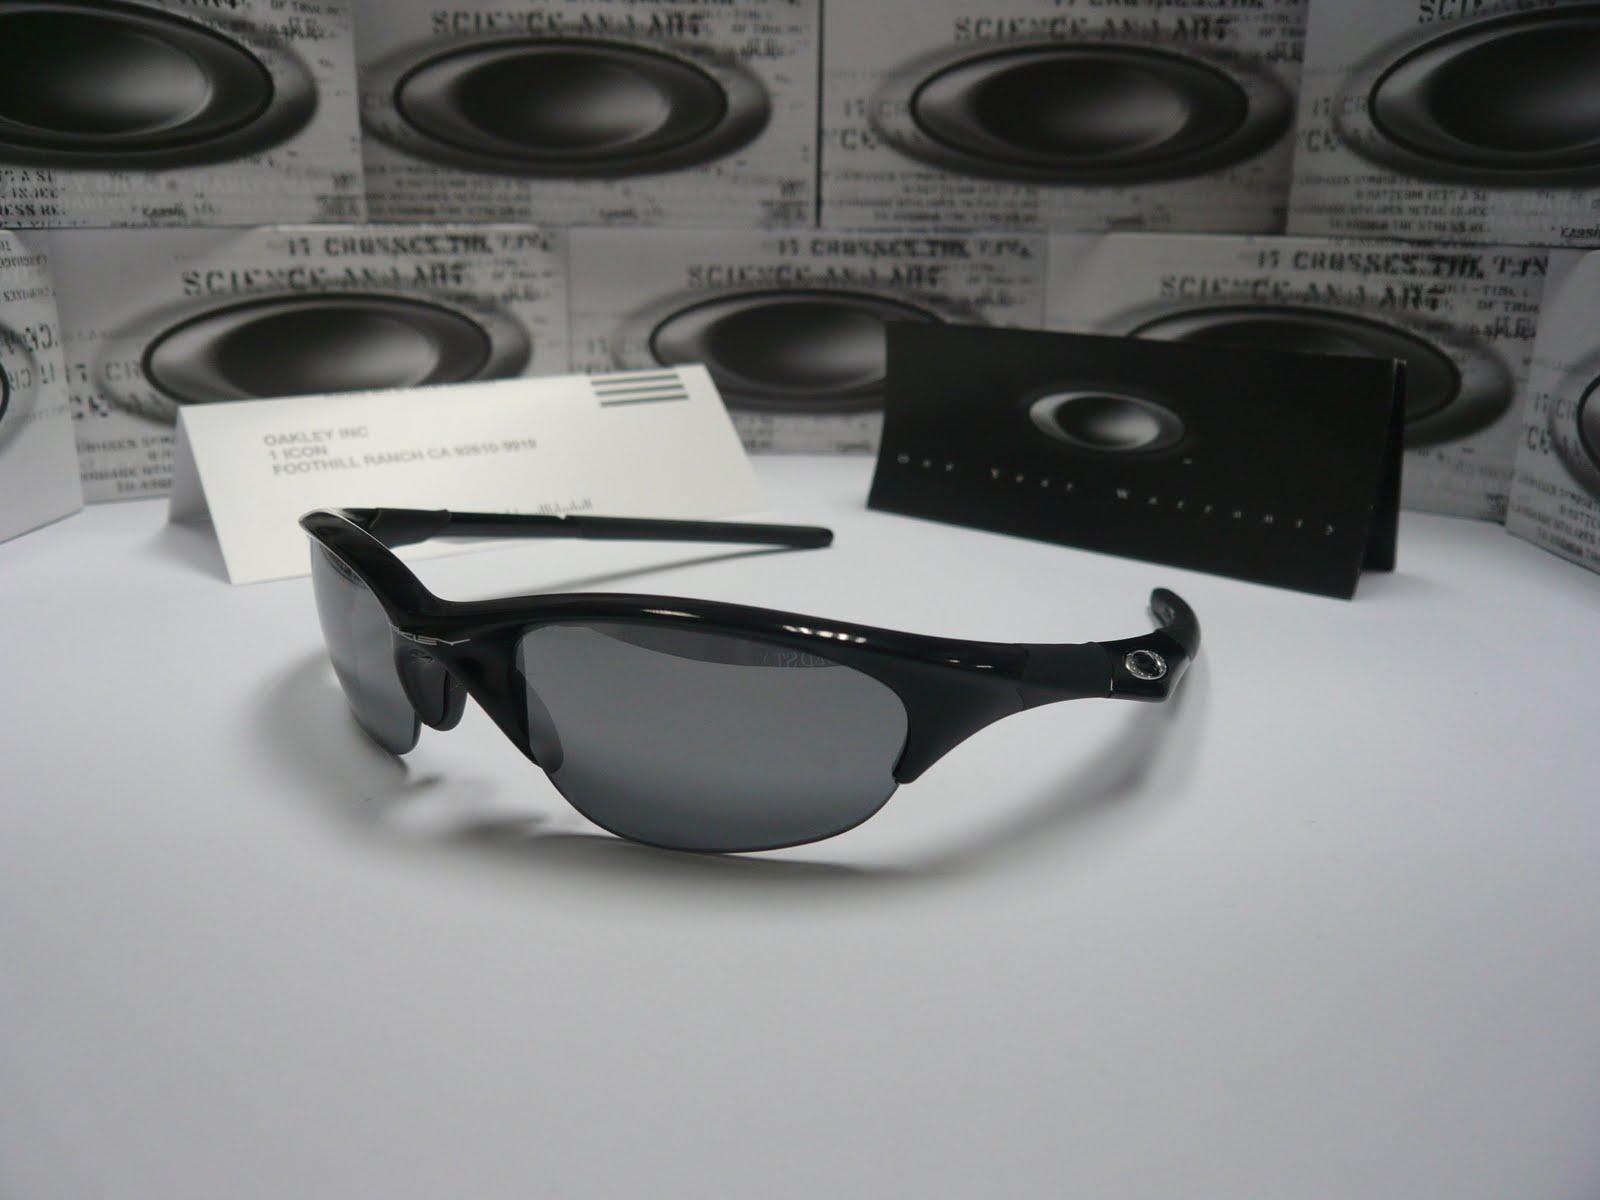 955e576e38 Oakley Sunglasses Price List In Malaysia « Heritage Malta